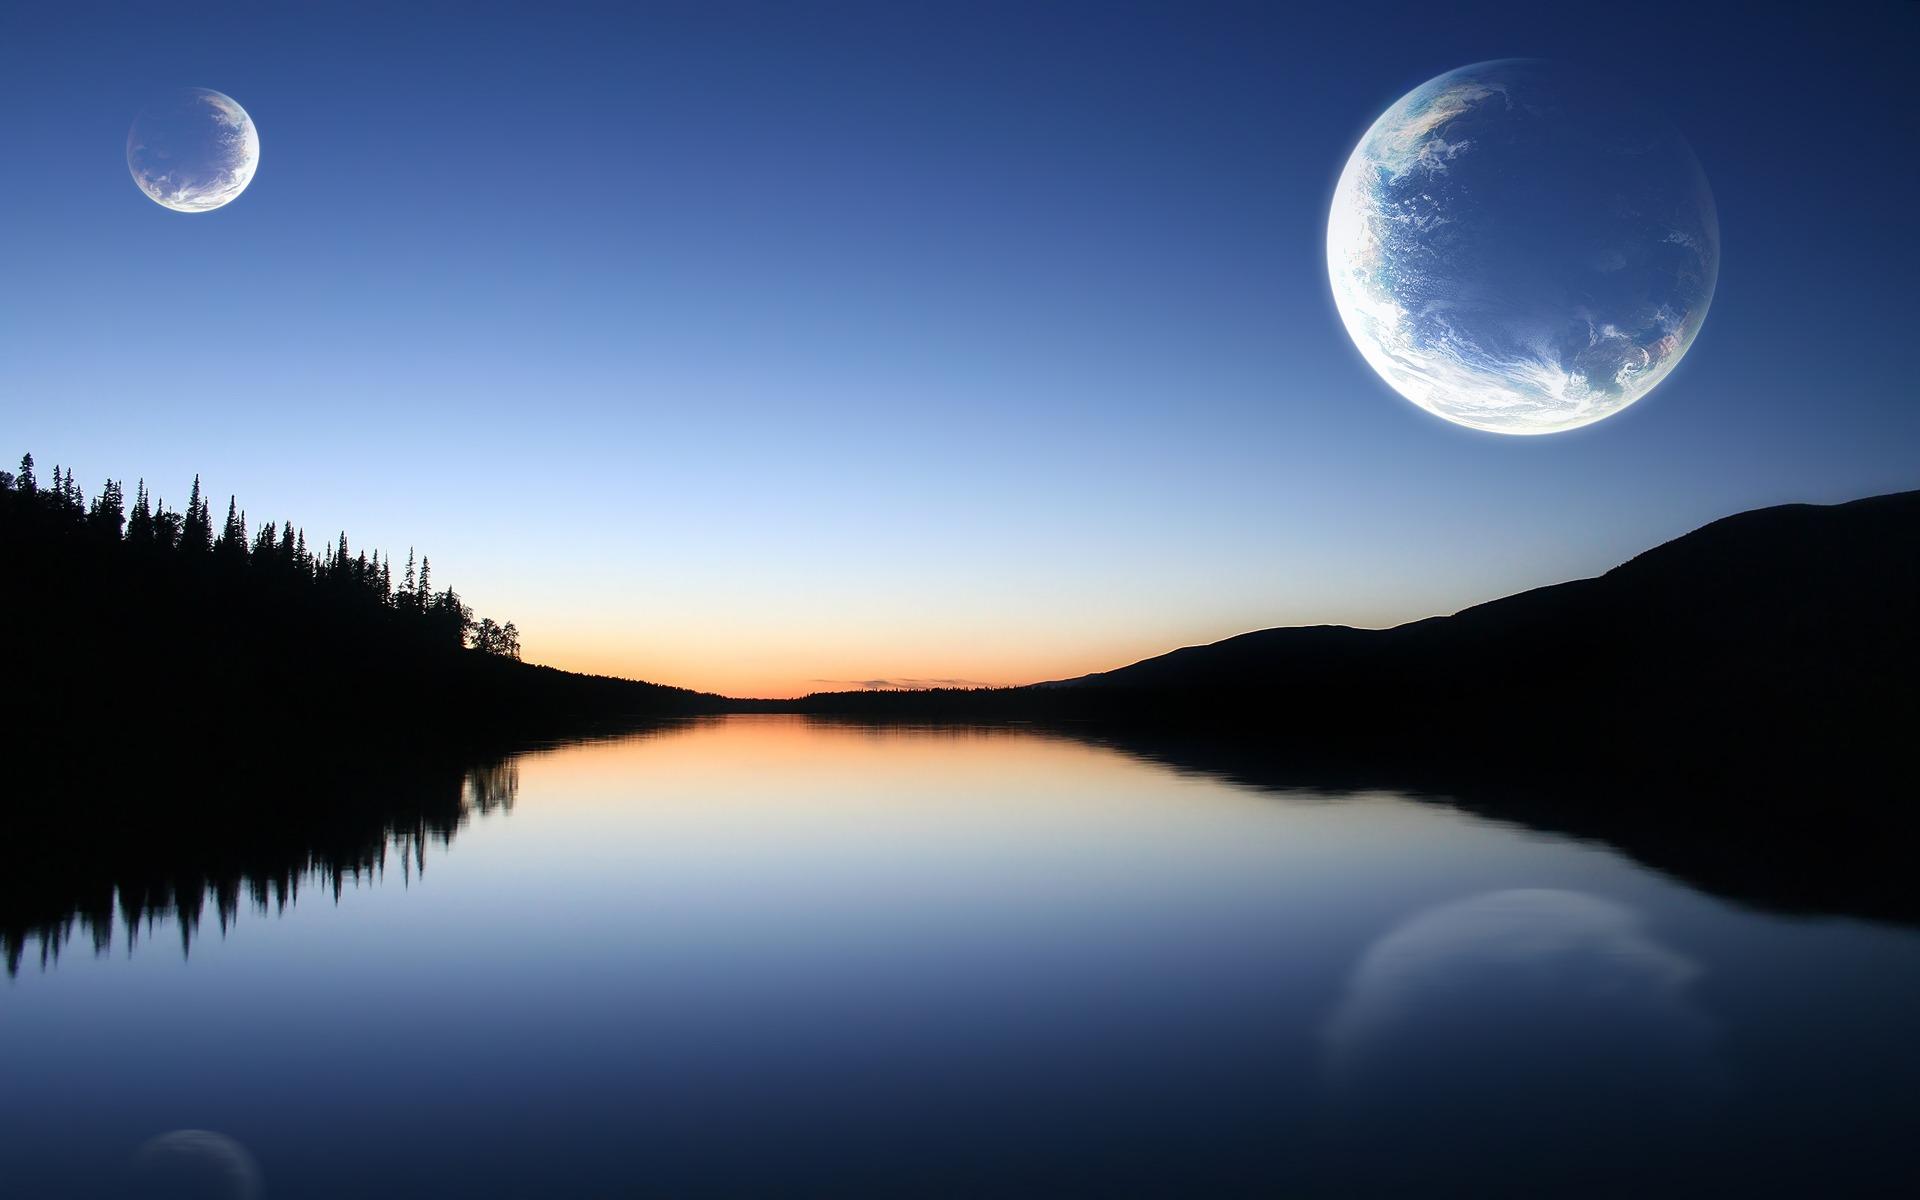 Amazing Nature Images